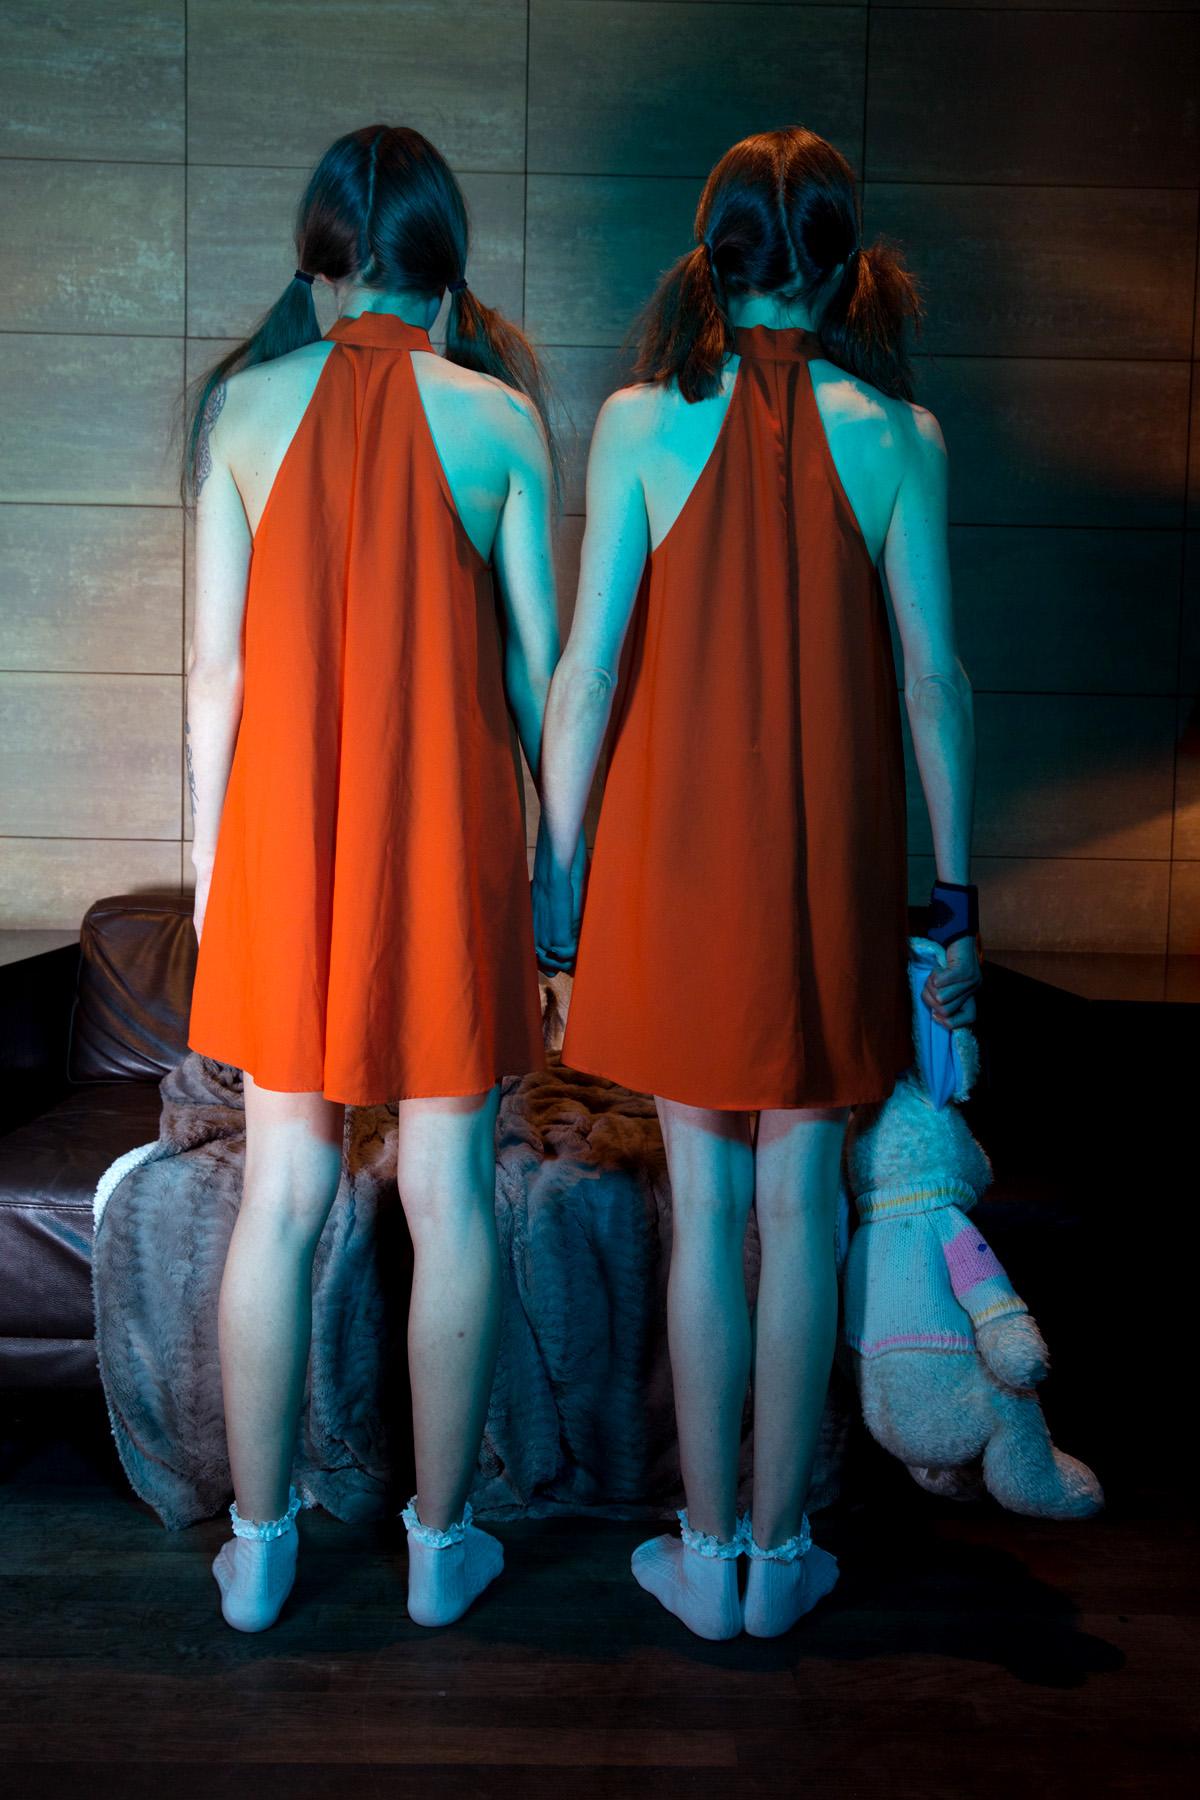 Models Puppen